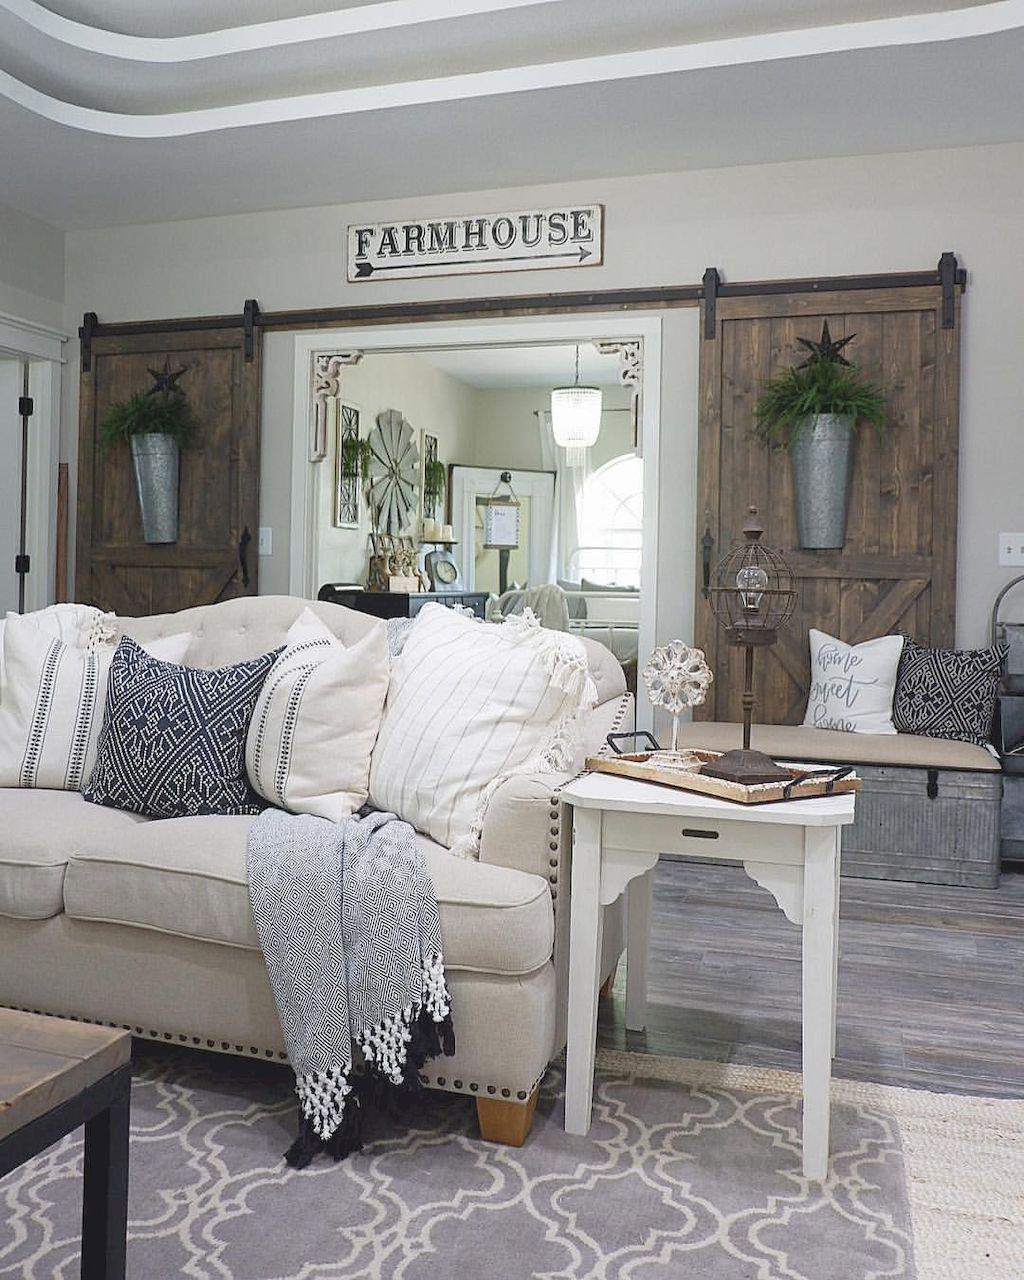 79 Cozy Modern Farmhouse Living Room Decor Ideas: 71 Cozy Modern Farmhouse Style Living Room Decor Ideas